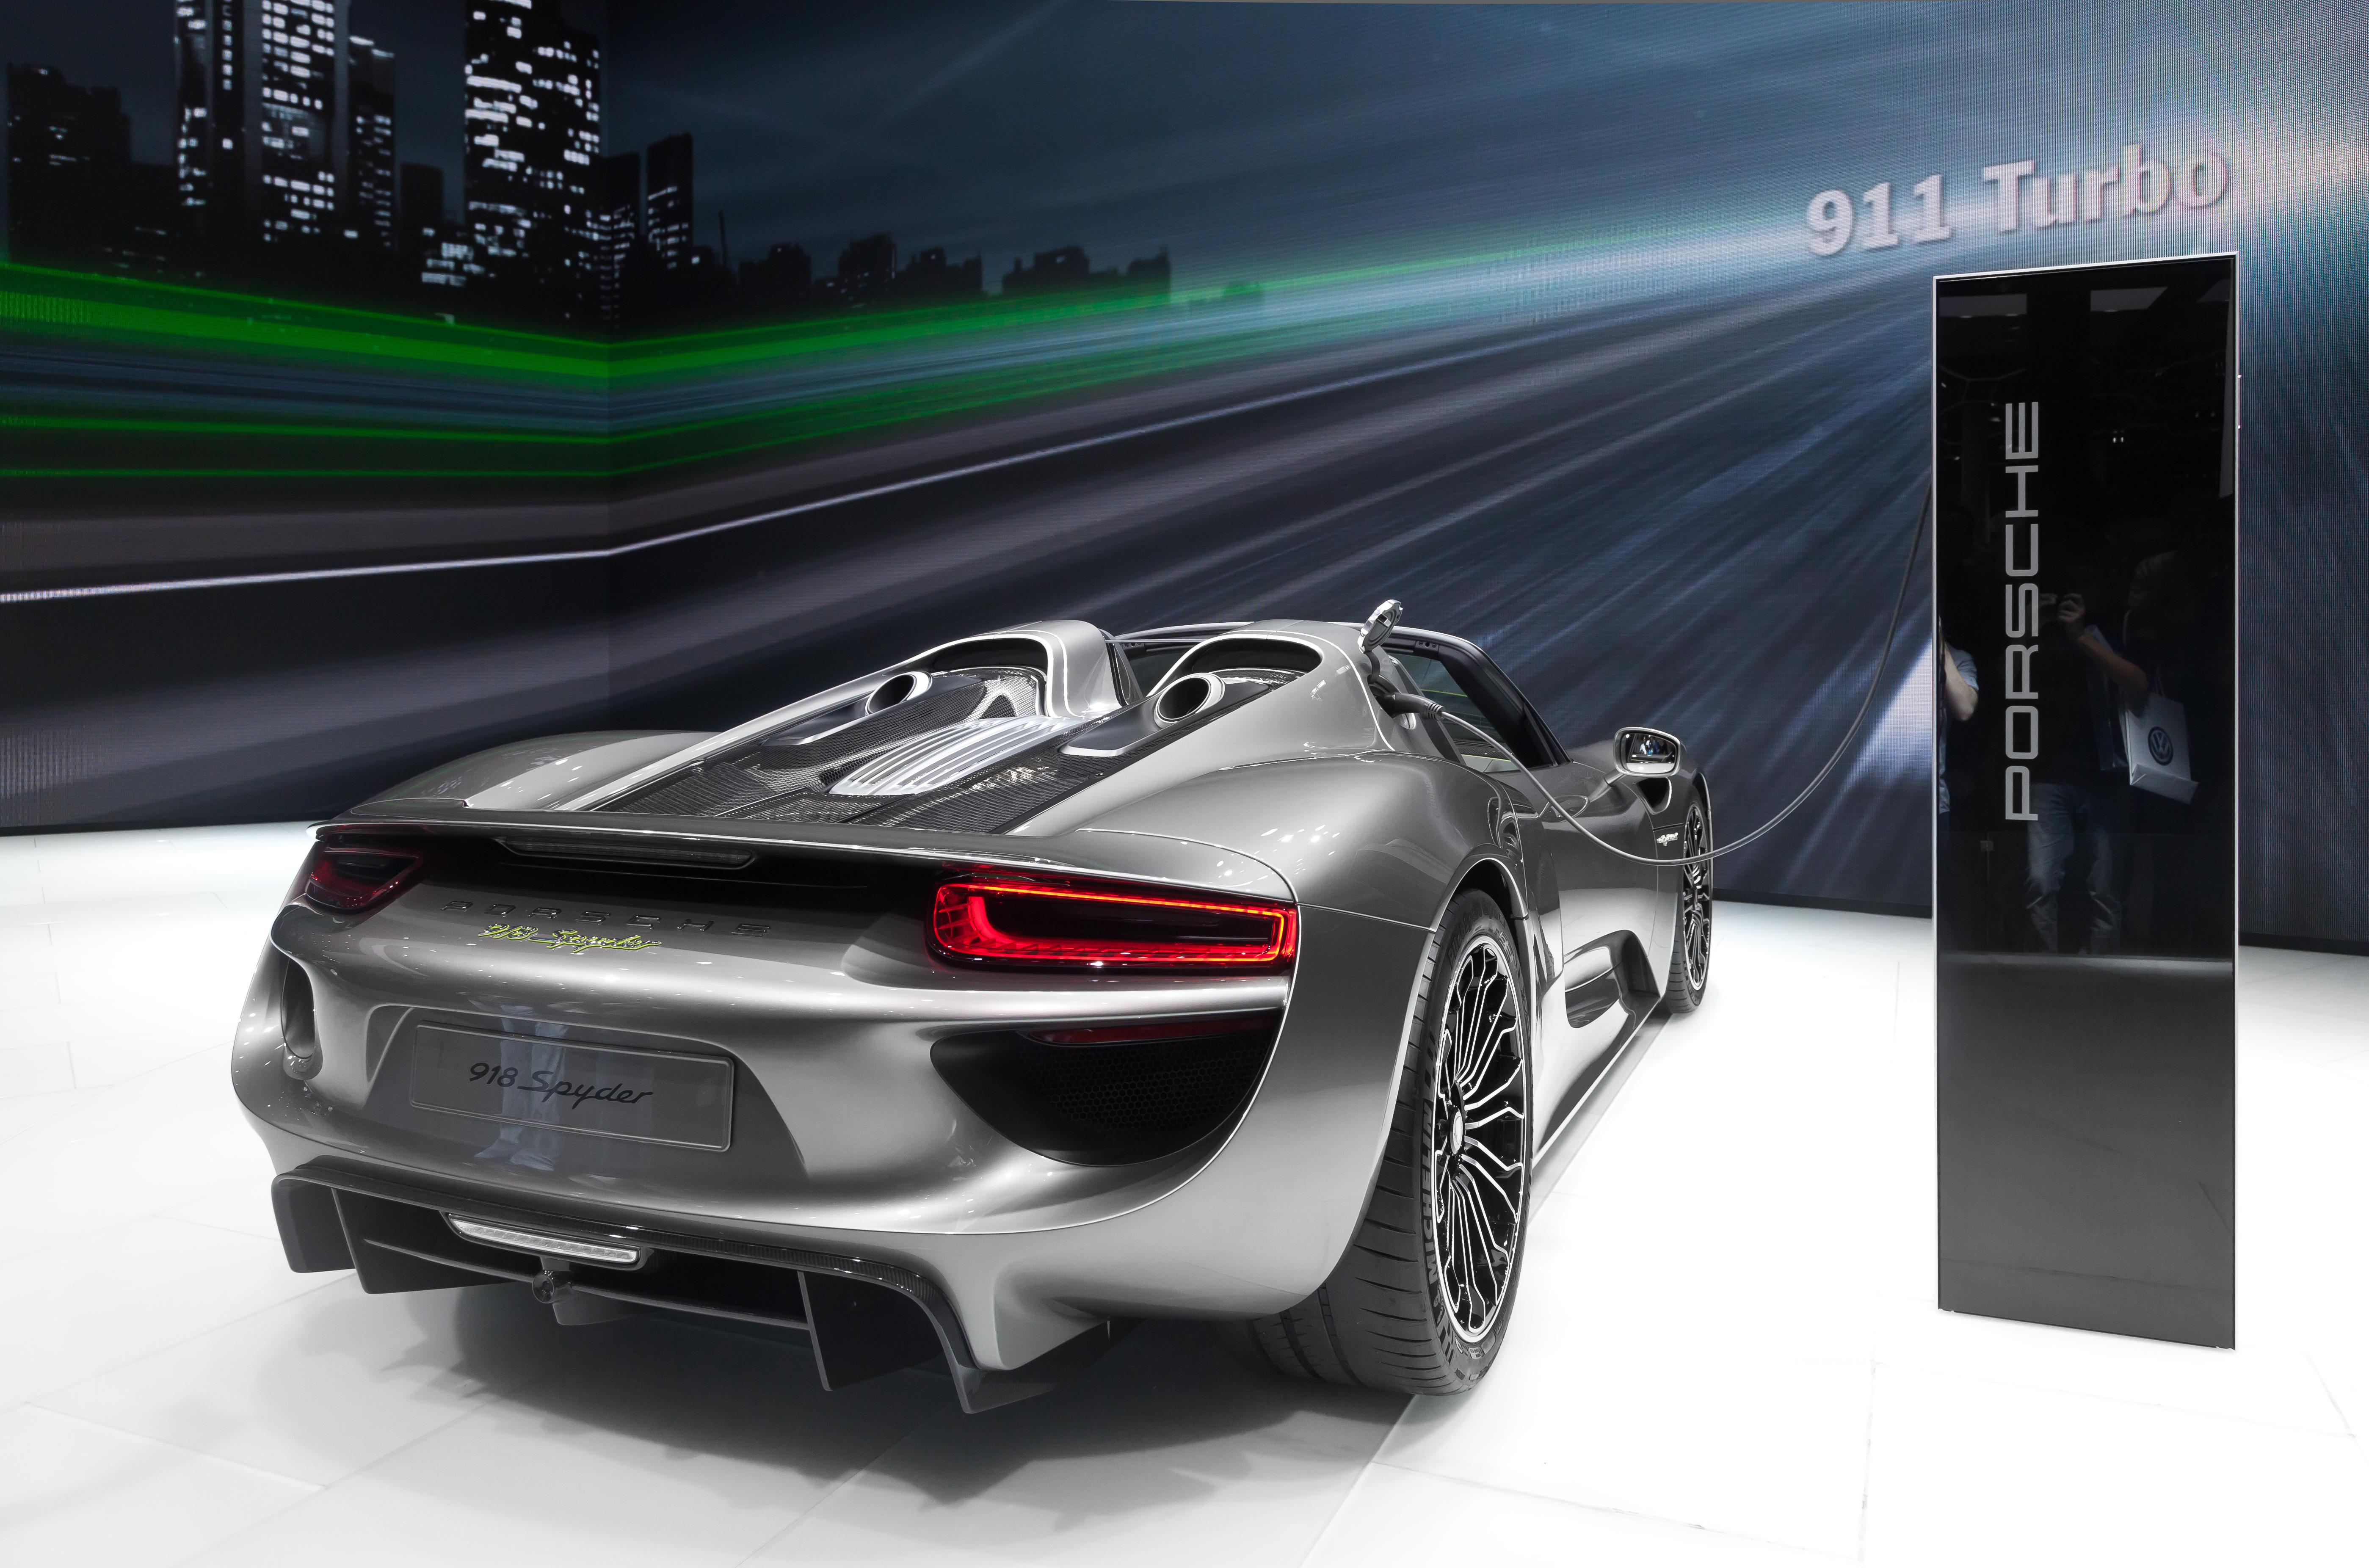 Porsche_918_Spyder_IAA_2013_Heckansicht_rechts Astounding where are Porsche 918 Spyder Location Cars Trend